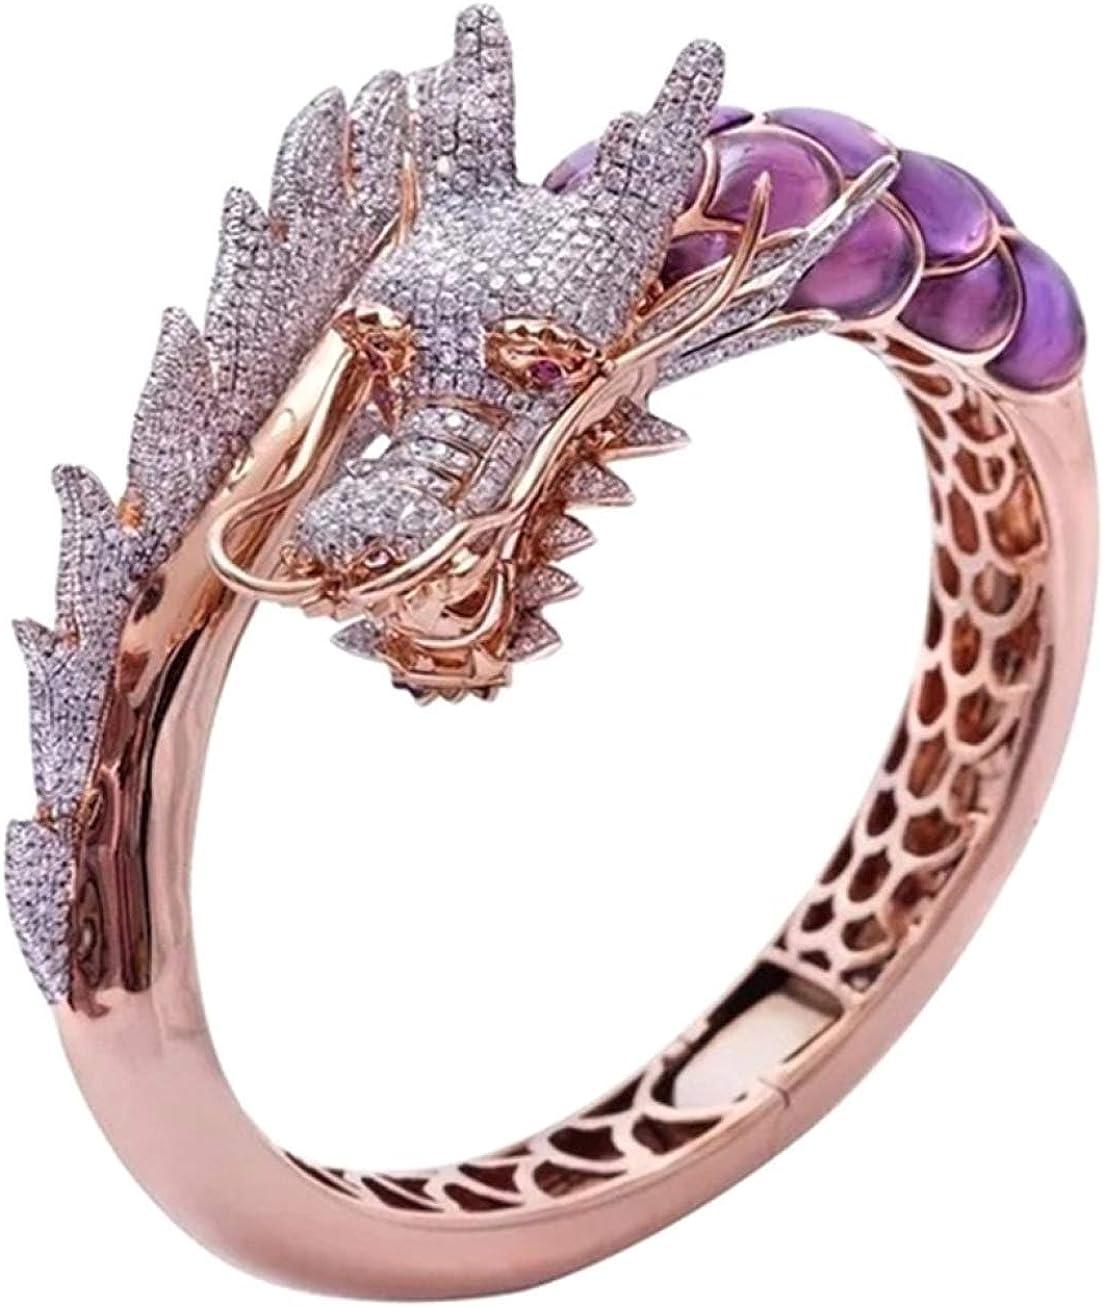 arret Middleton - Anillo de oro rosa de 14 quilates con piedra natural para boda, regalo de cumpleaños, diseño de dragón hip hop, talla 5-10 (Ninguno 8 GD)